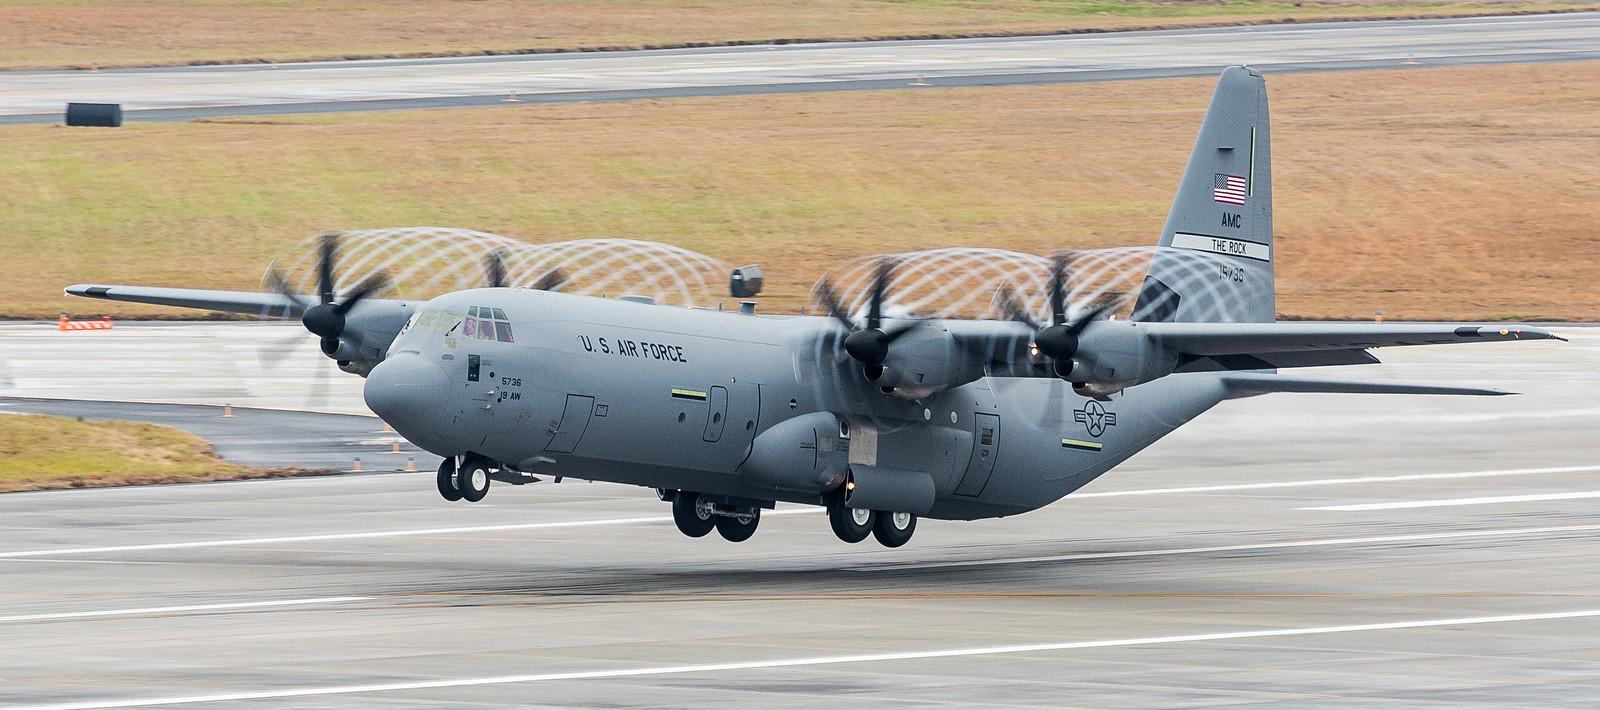 �ล�าร���หารู�ภา�สำหรั� c-130